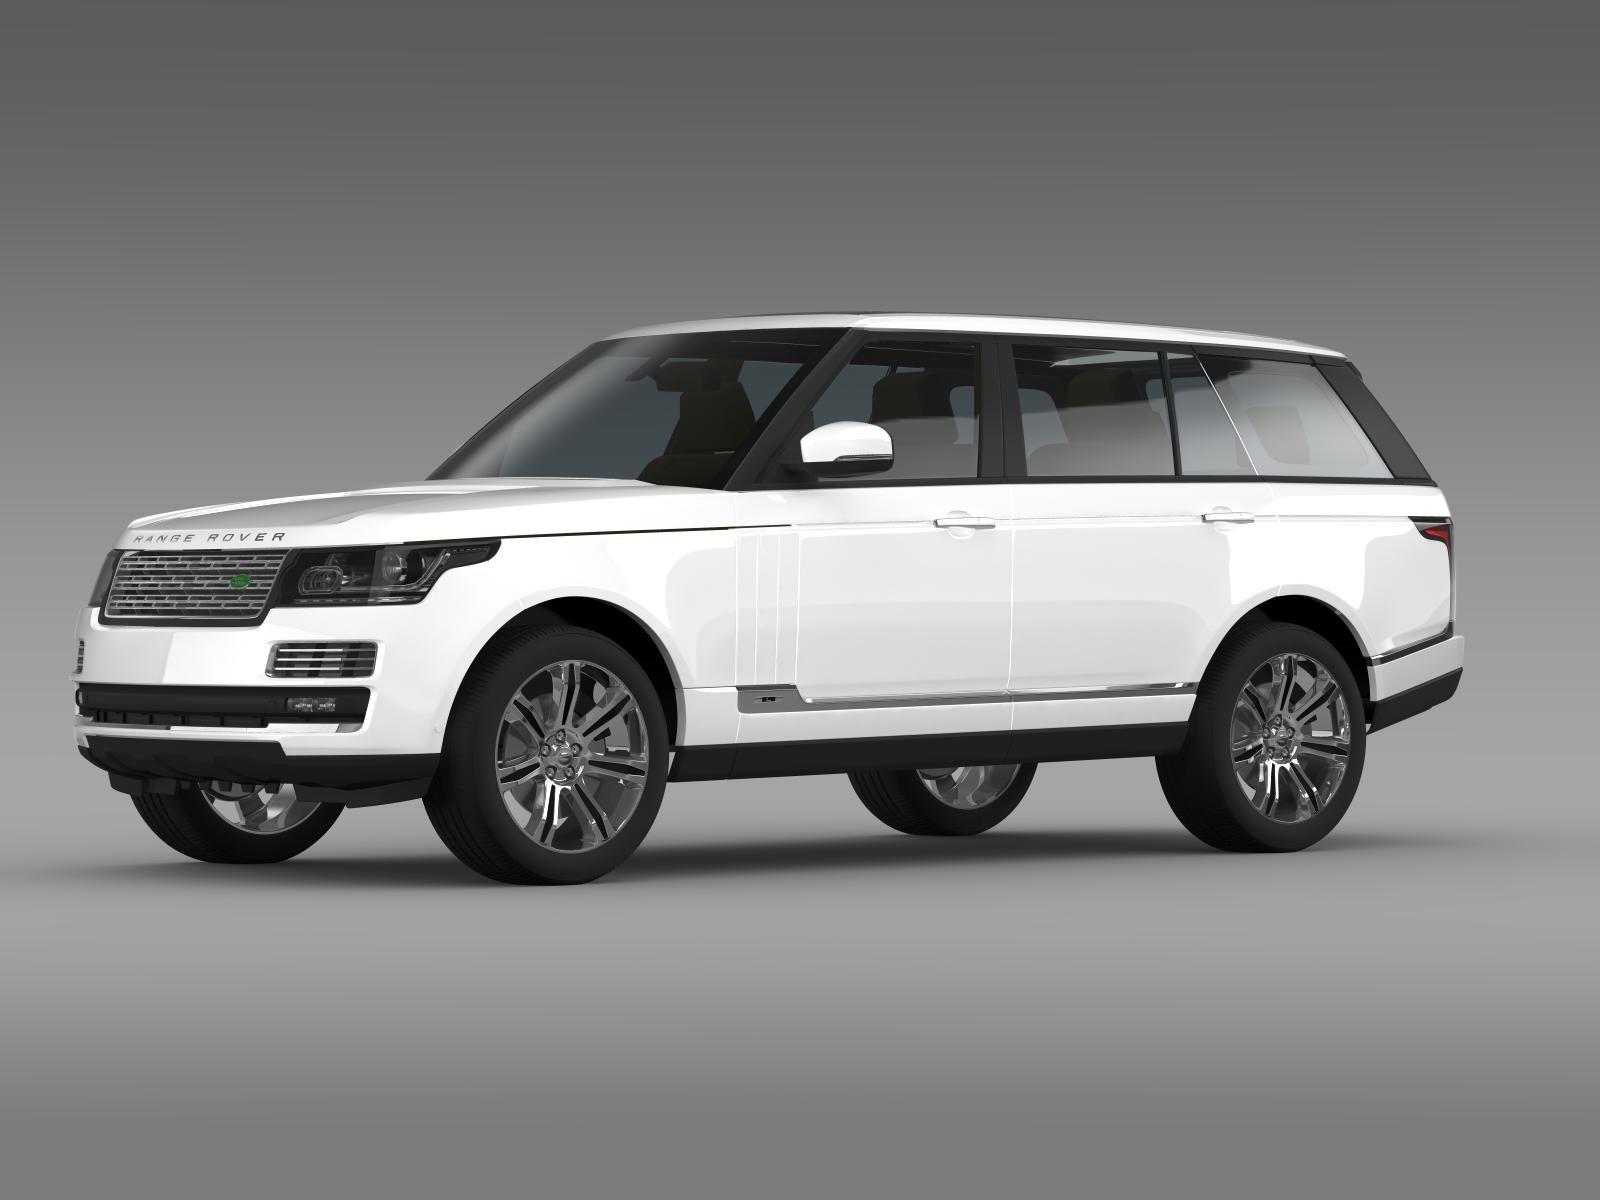 range rover autobiography black lwb l405 3d model. Black Bedroom Furniture Sets. Home Design Ideas